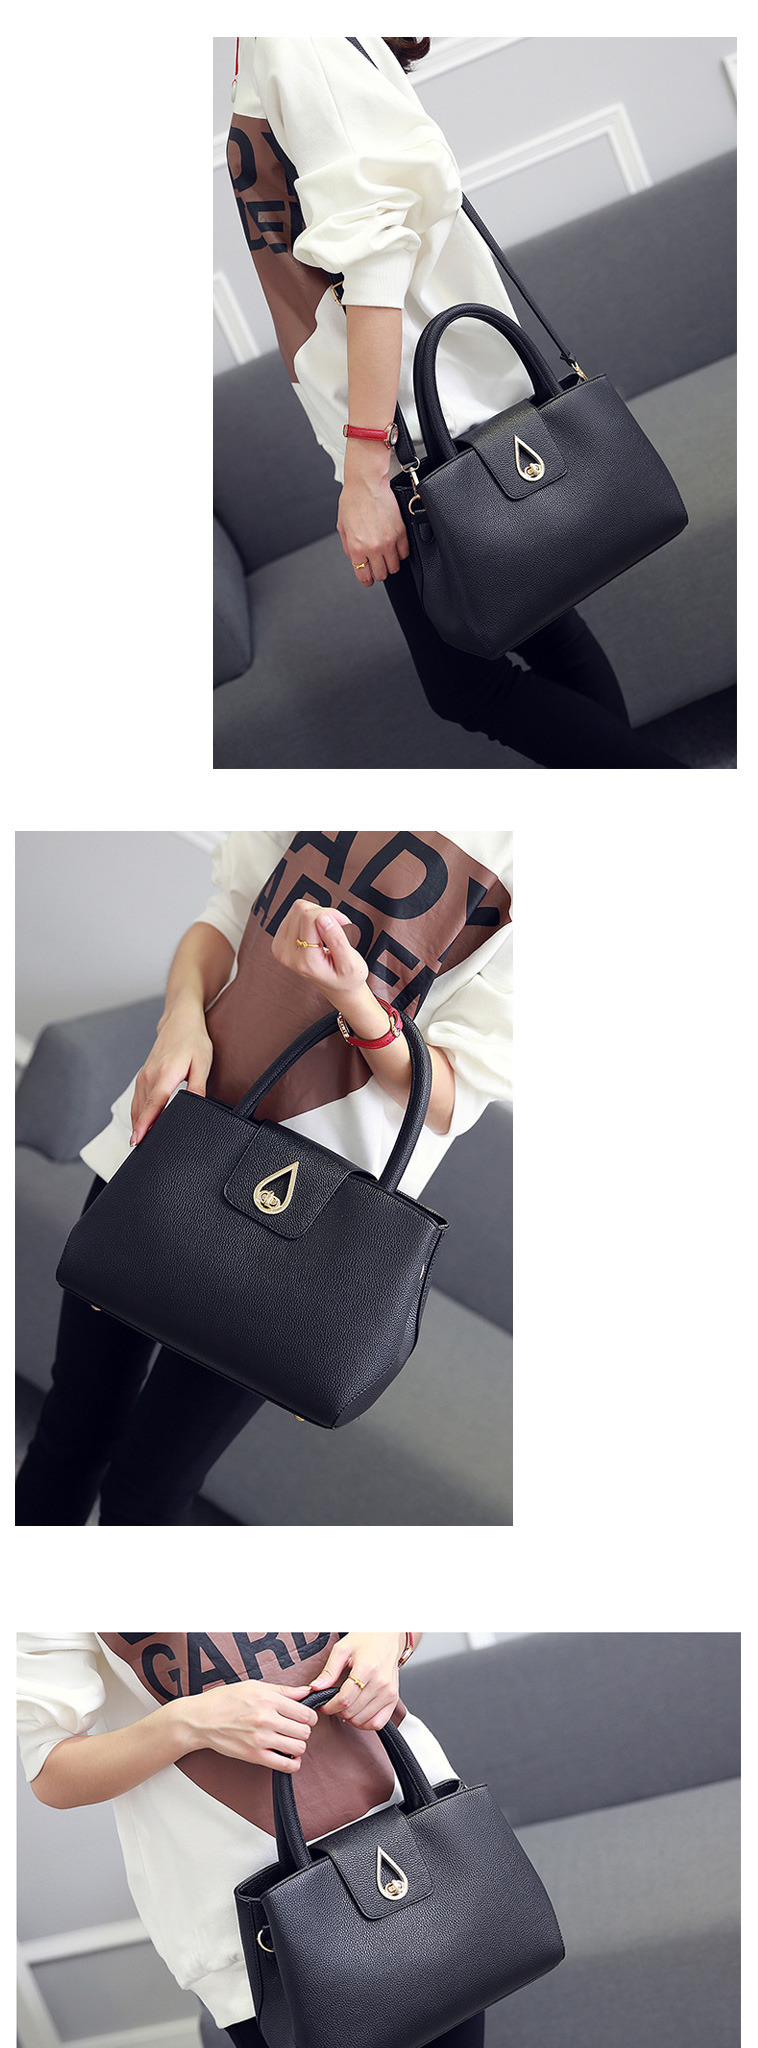 핸드백/여성가방/숄더백/크로스백 - 상세정보